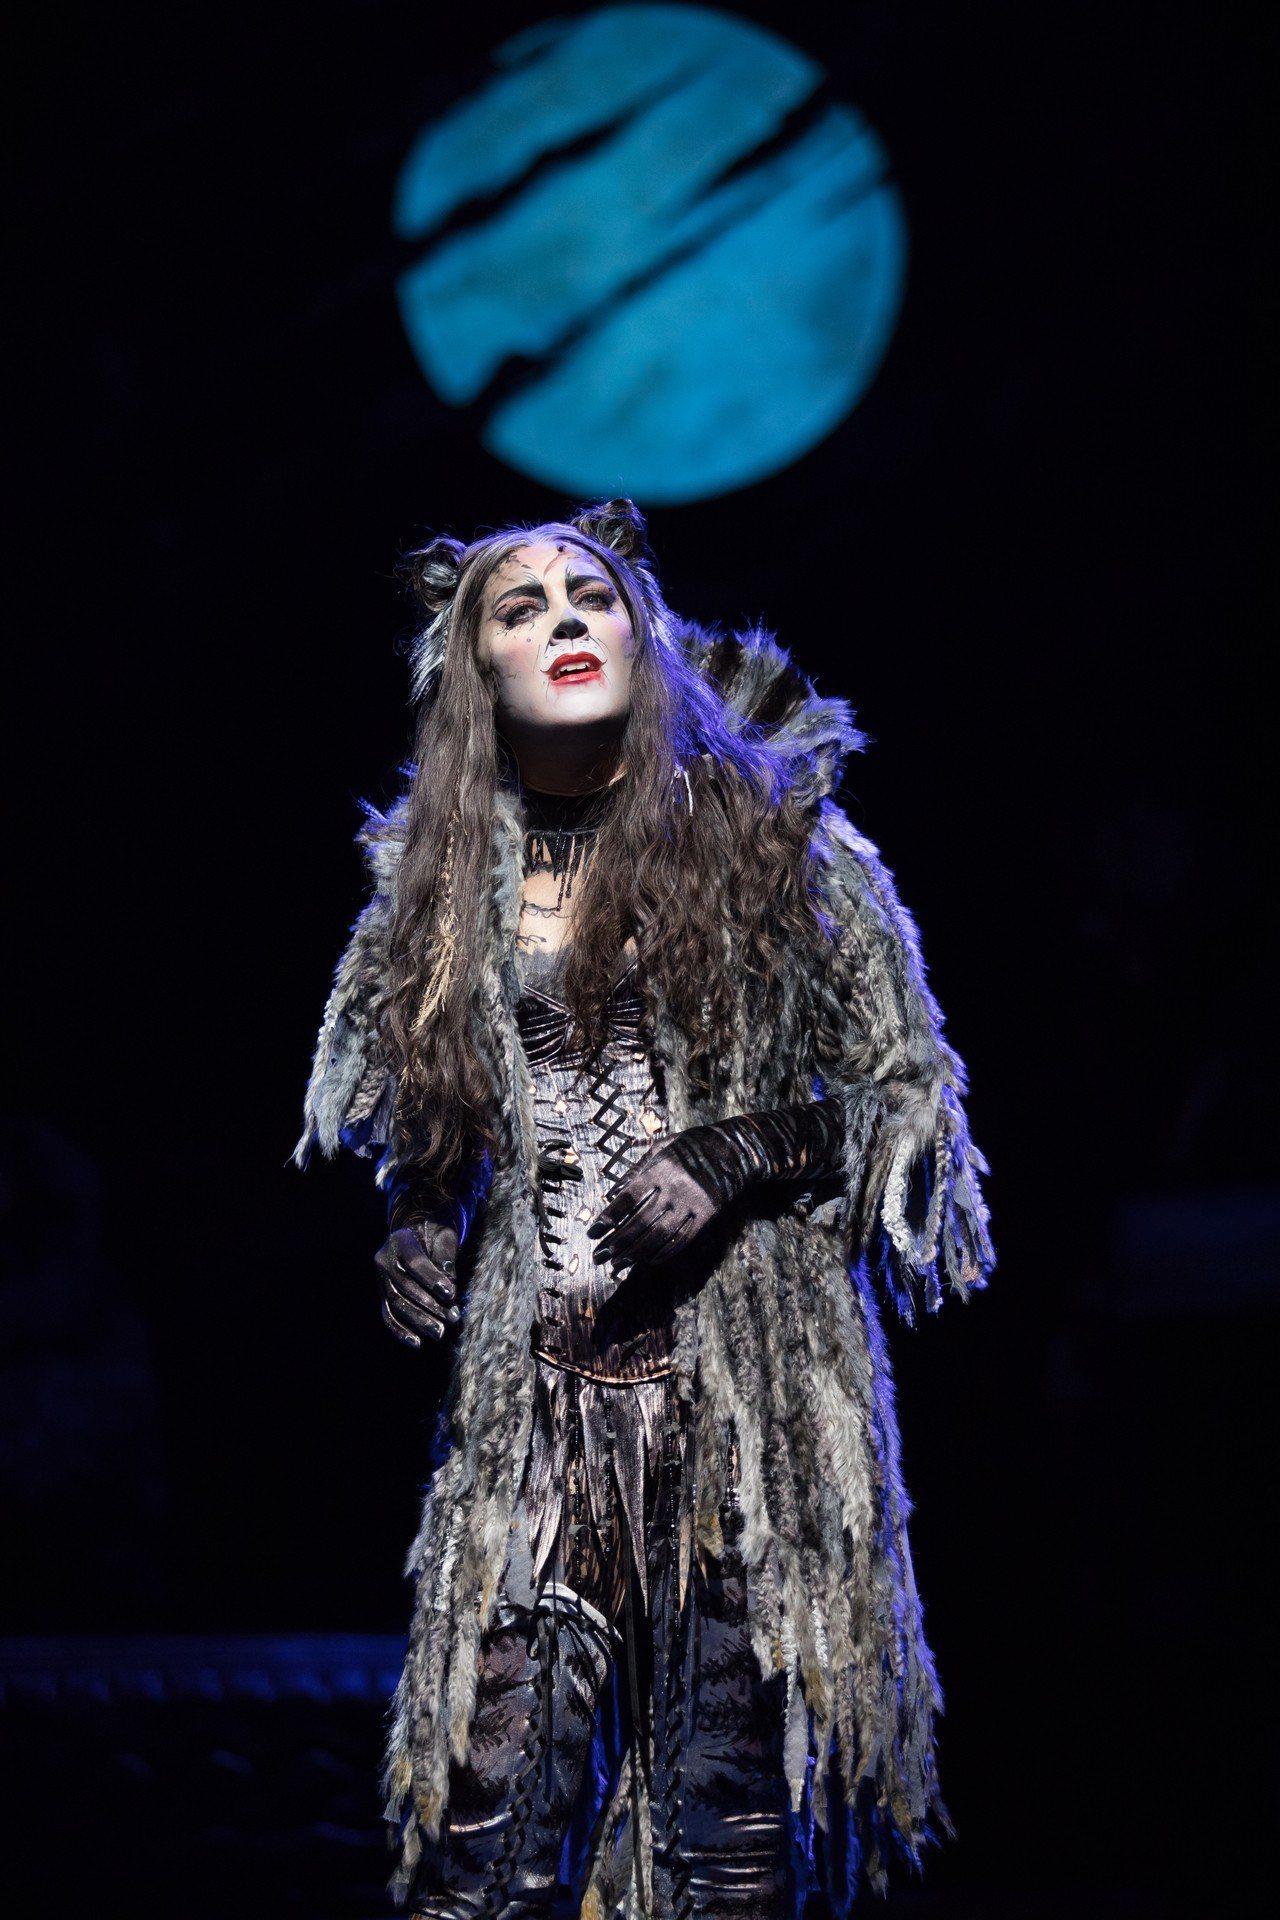 蘿拉艾密特在「貓」劇挑戰名曲「Memory」。圖/寬宏提供